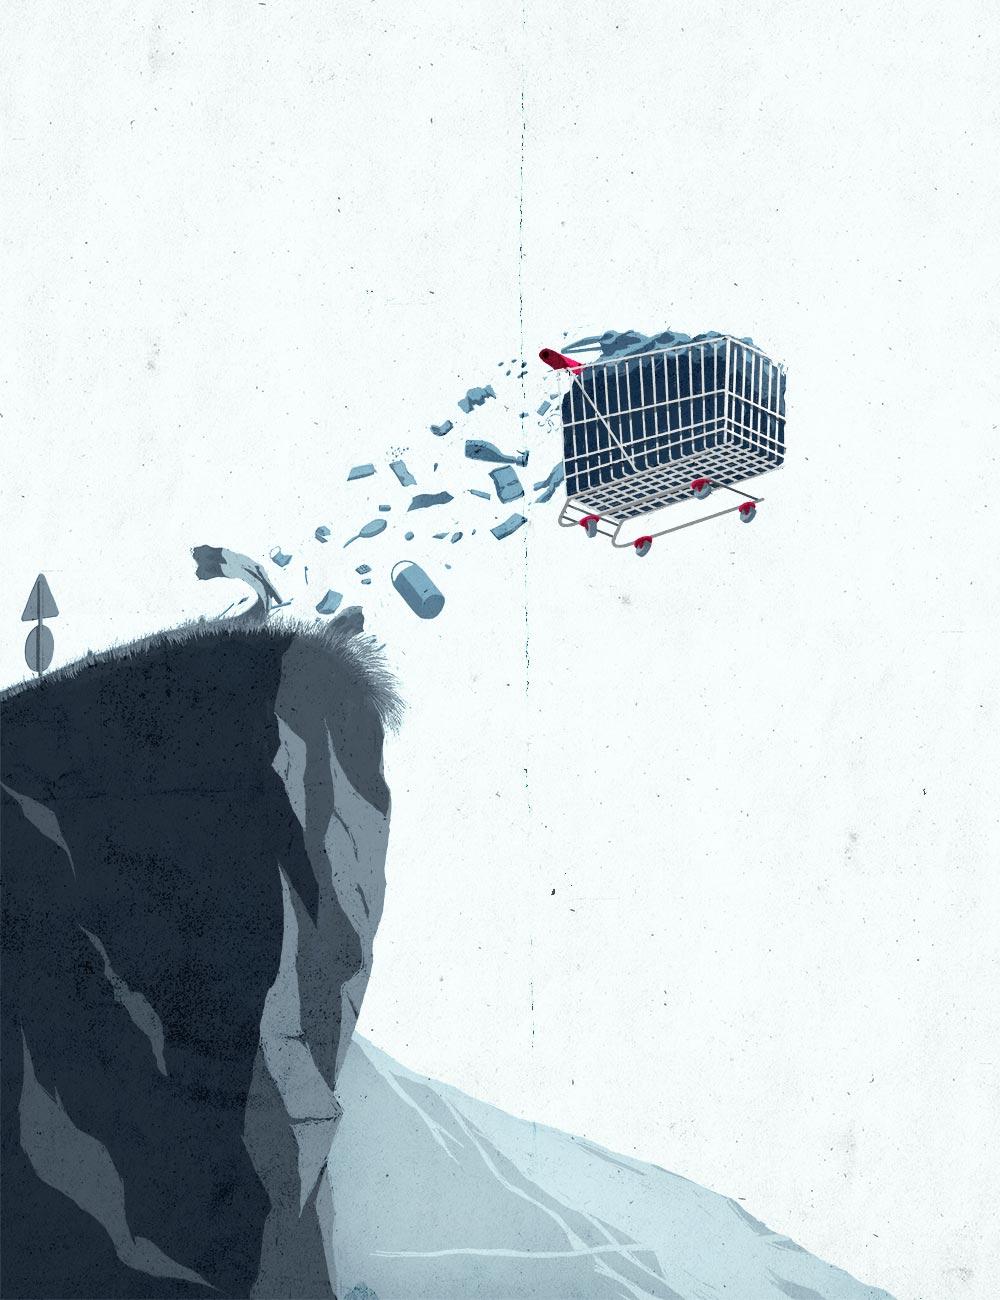 Le illustrazioni concettuali di Paolo Beghini | Collater.al 9